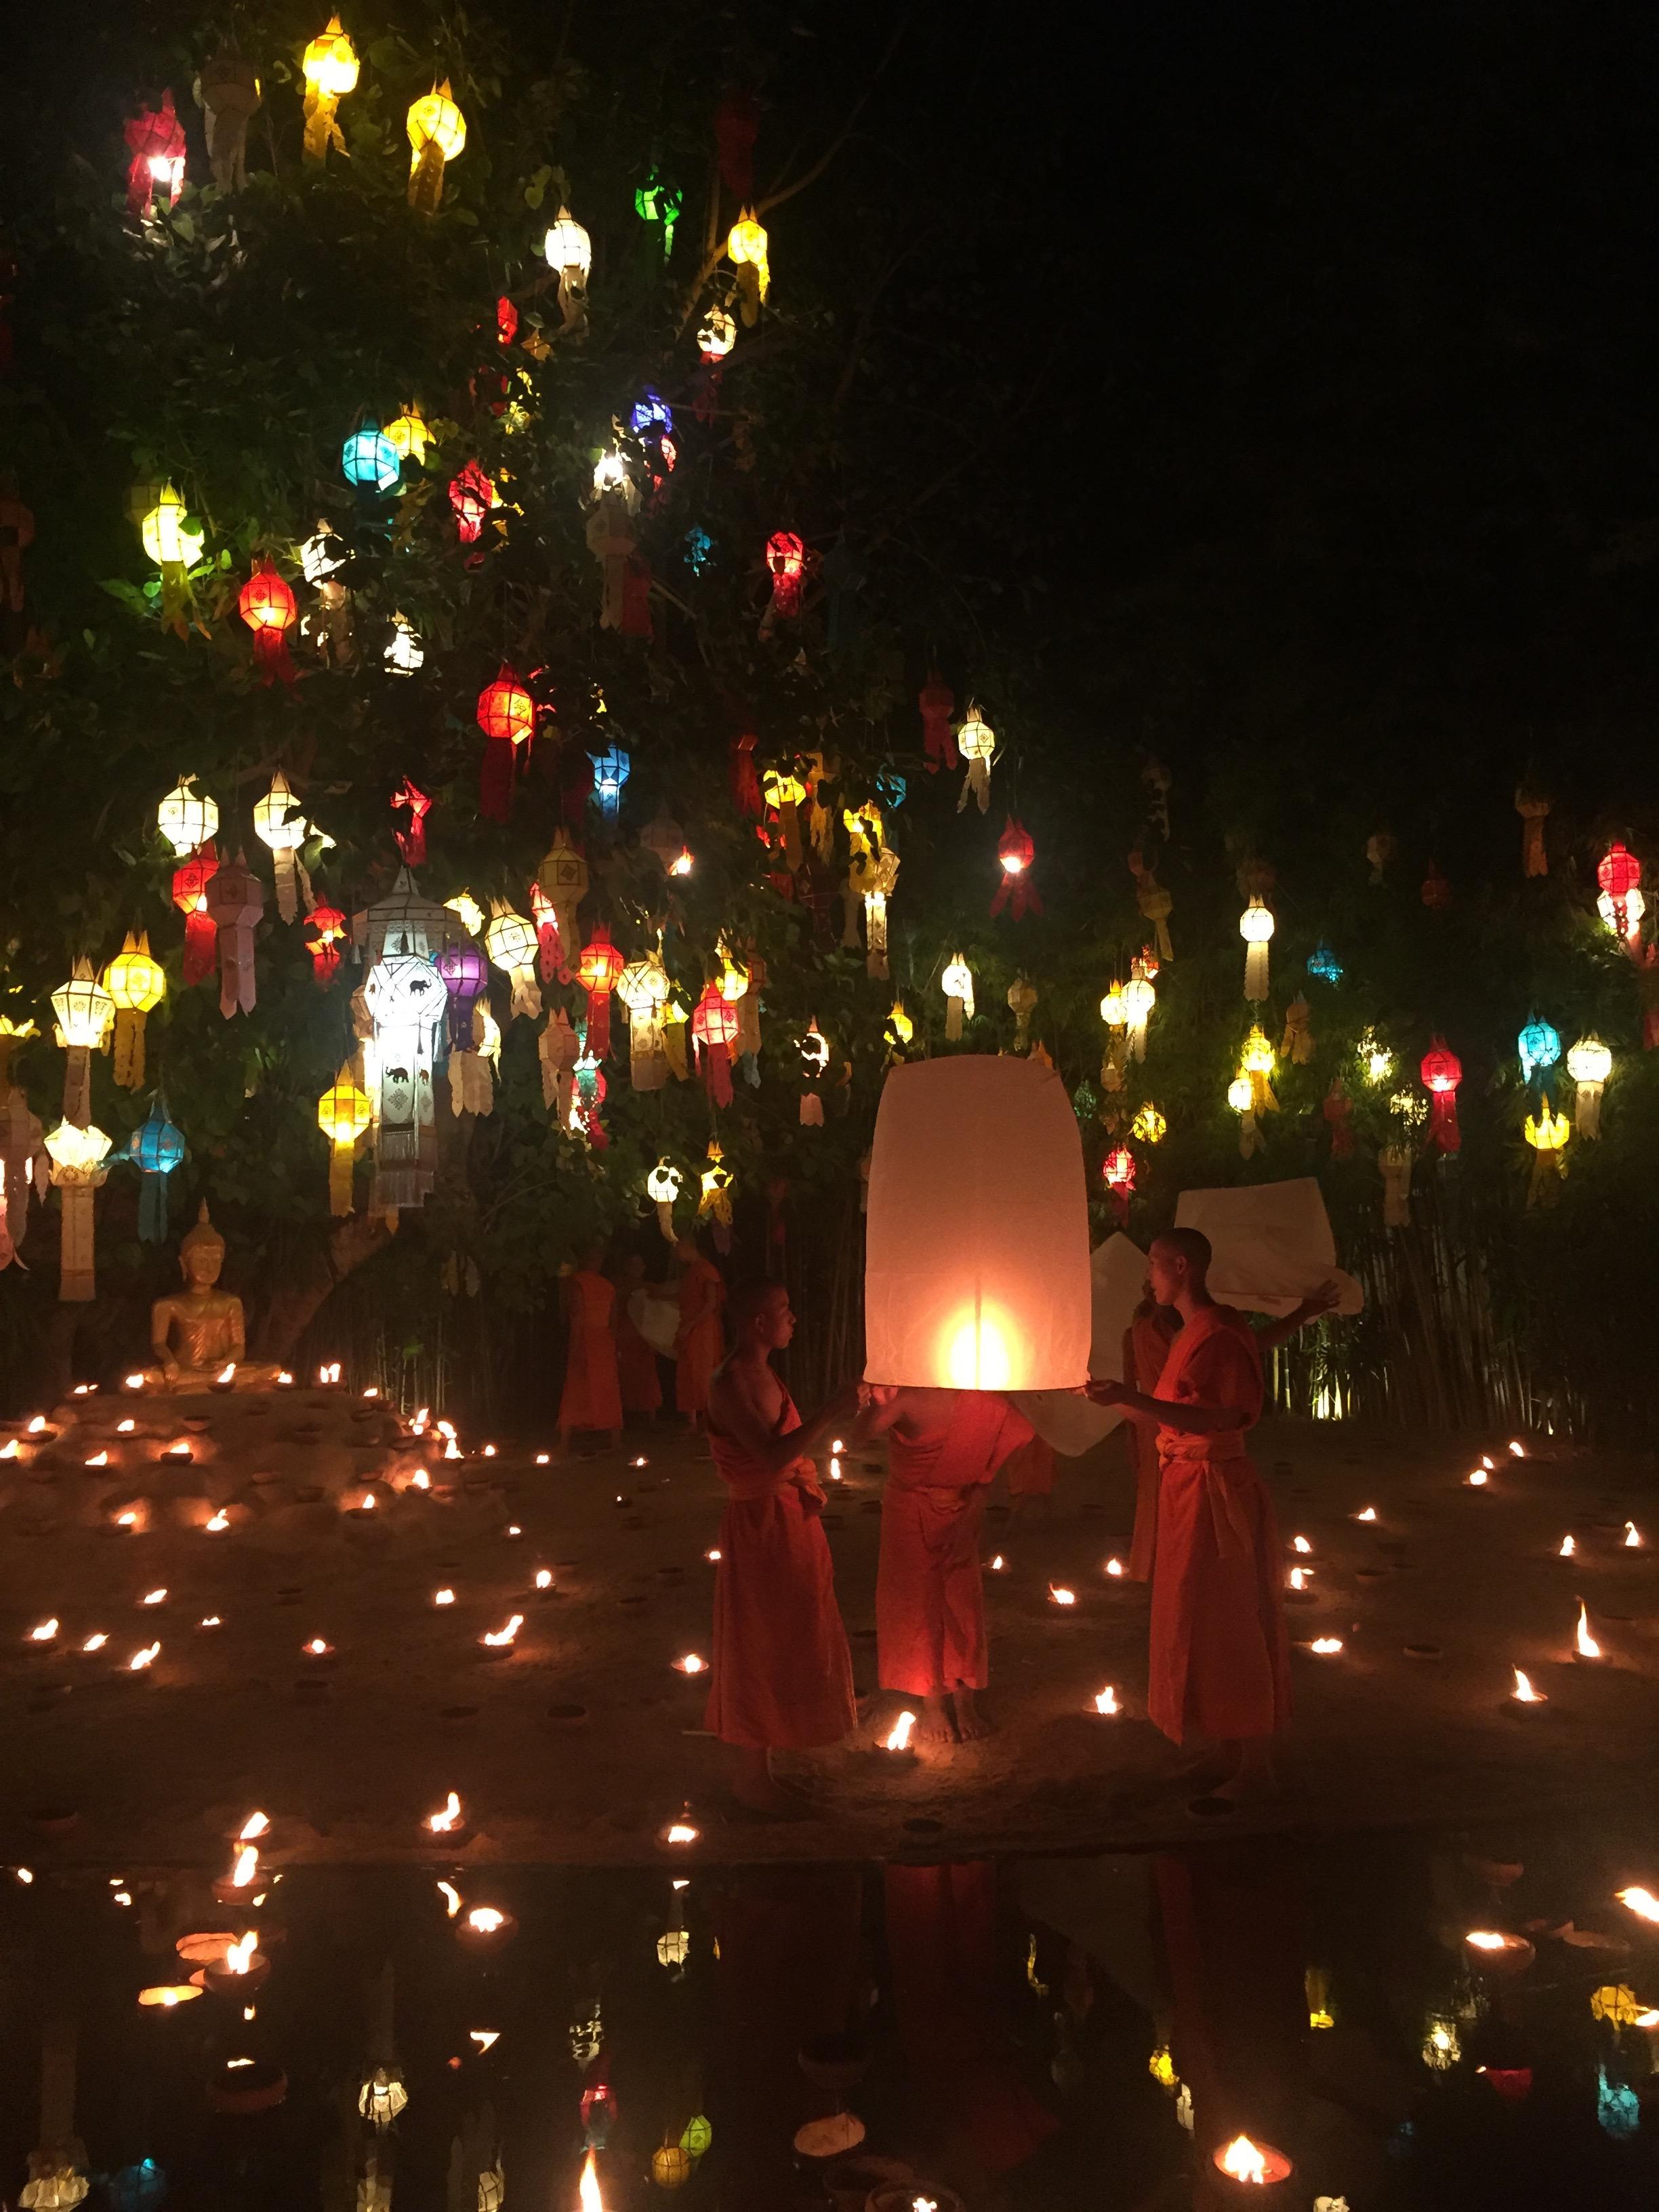 Festival de luzes na Tailândia